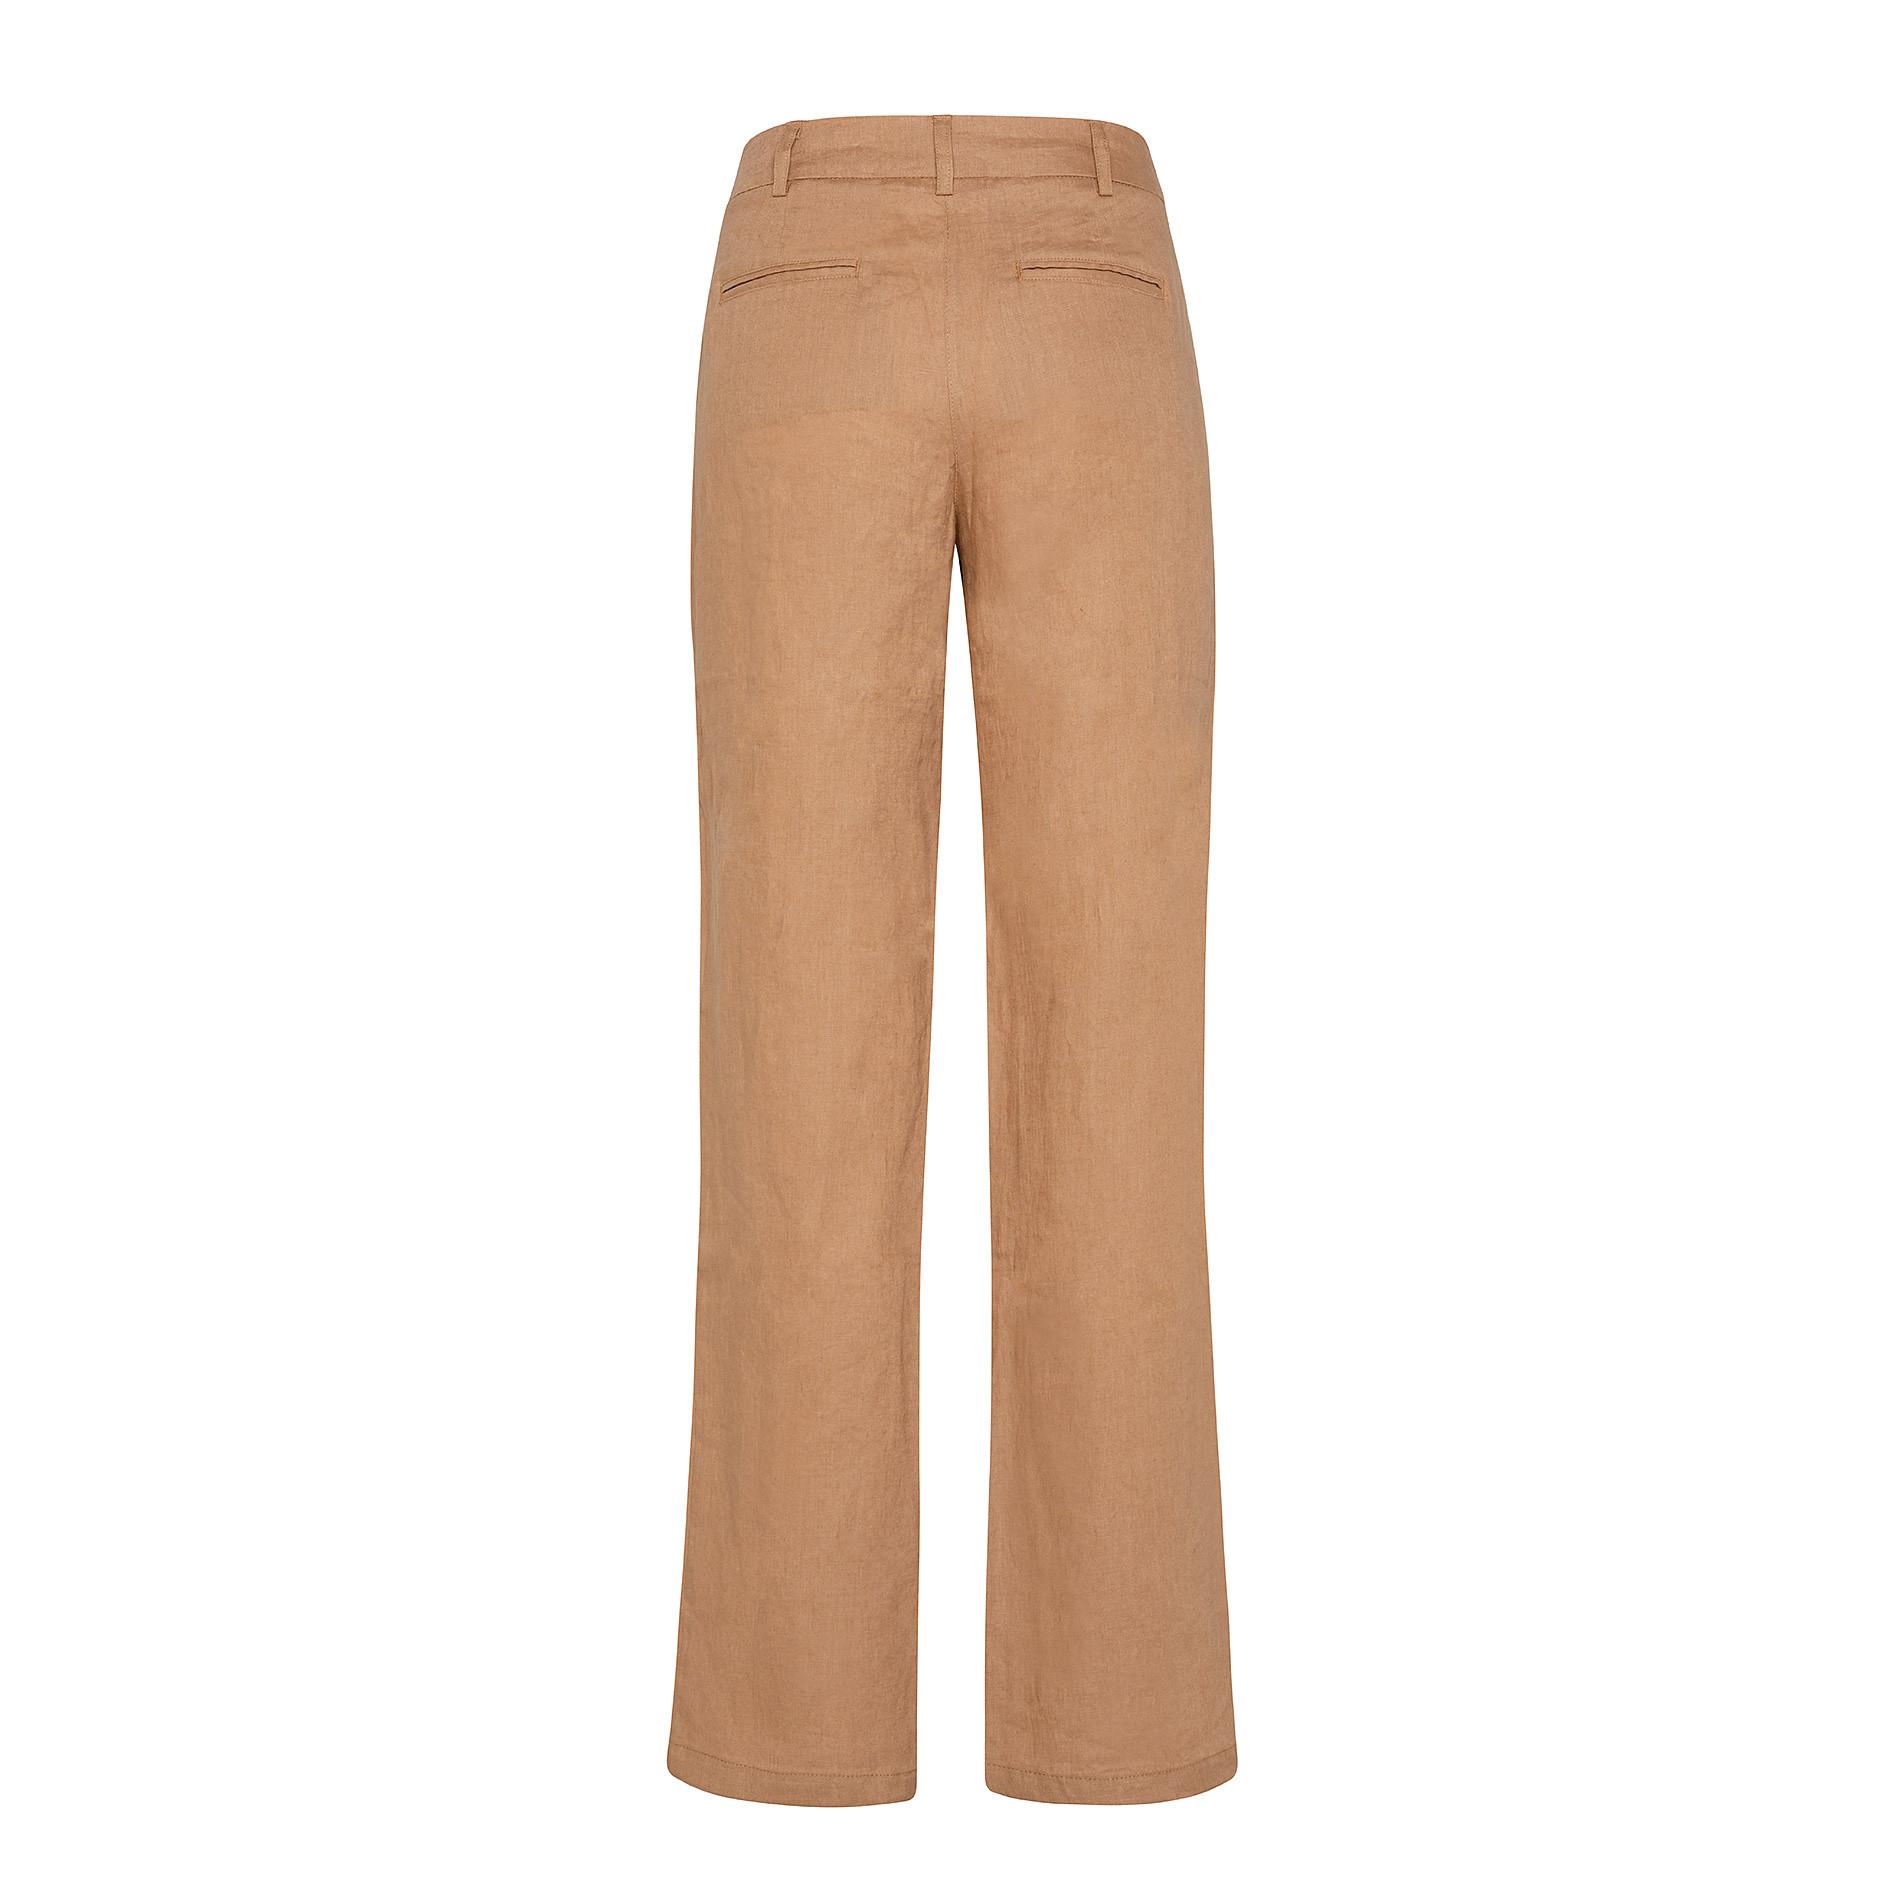 Pantalone classico in 100% lino con tasche Koan, Arancione, large image number 1